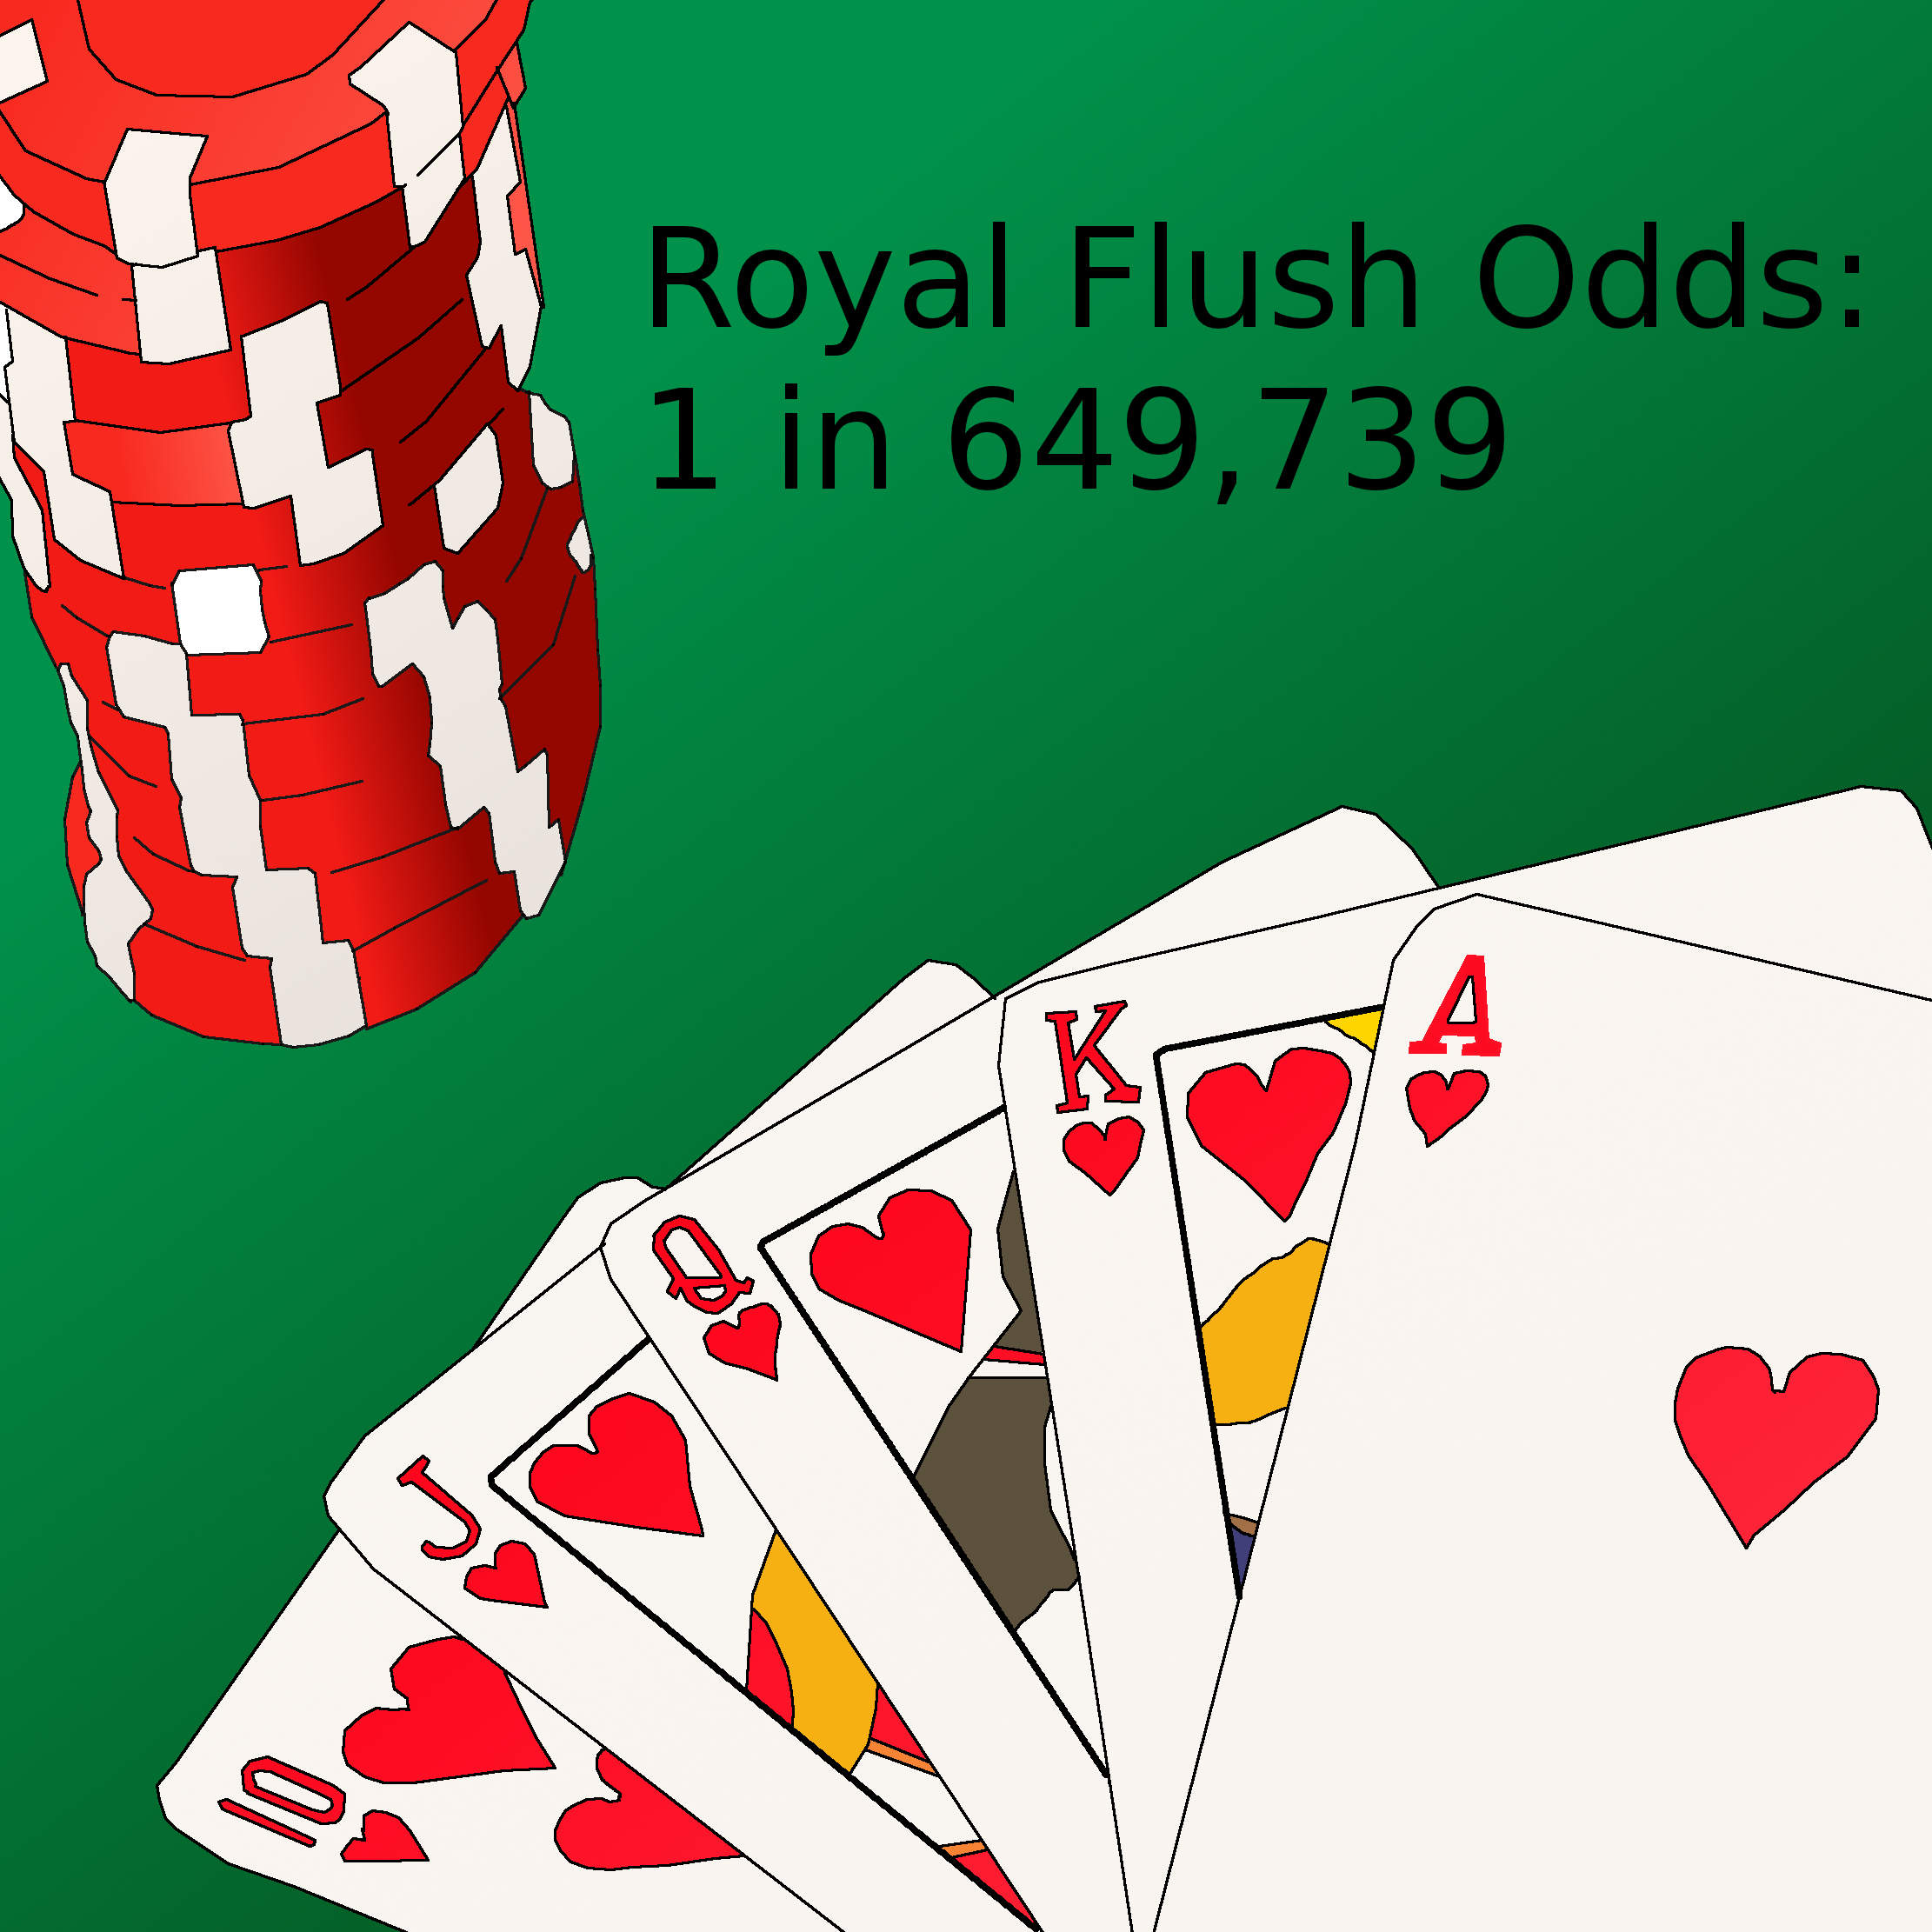 Royal Flush Odds